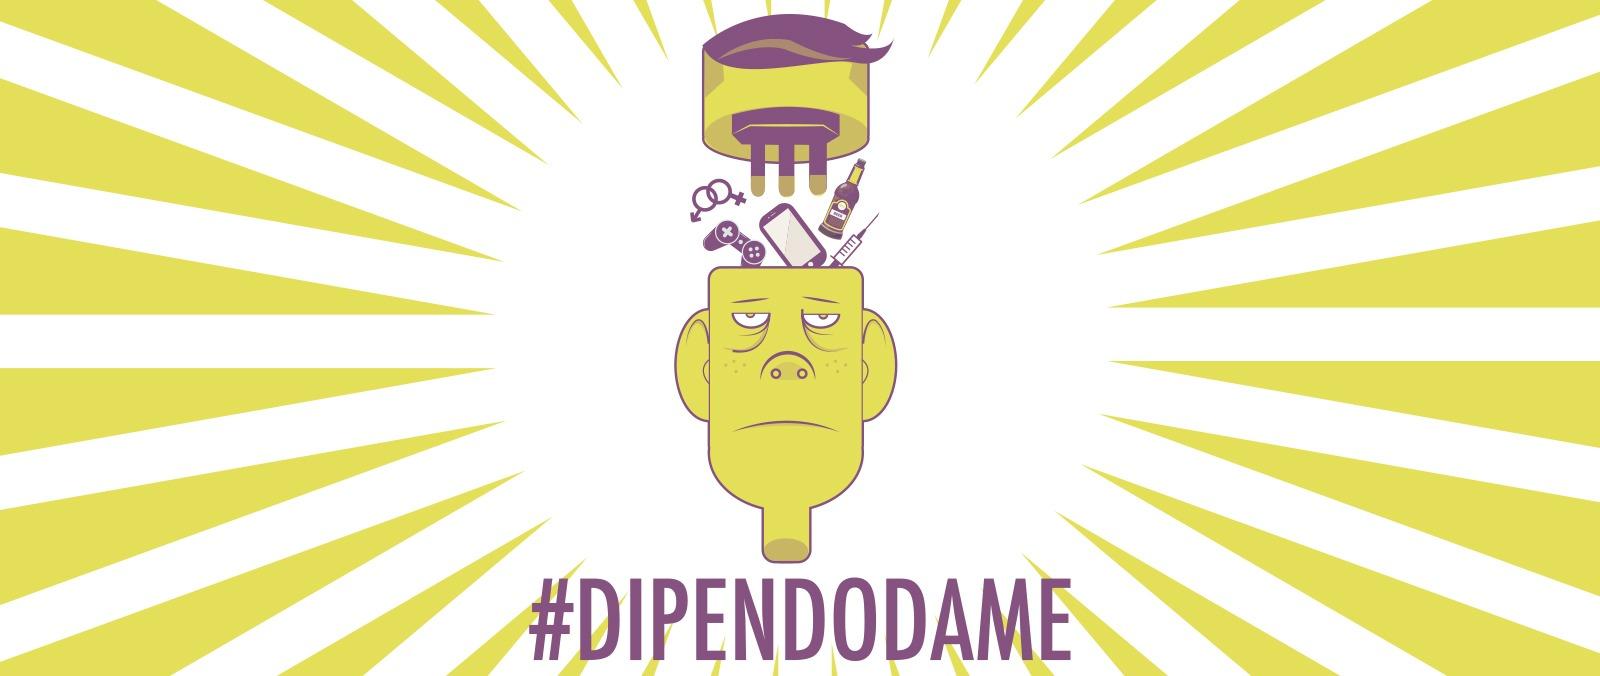 #DIPENDODAME